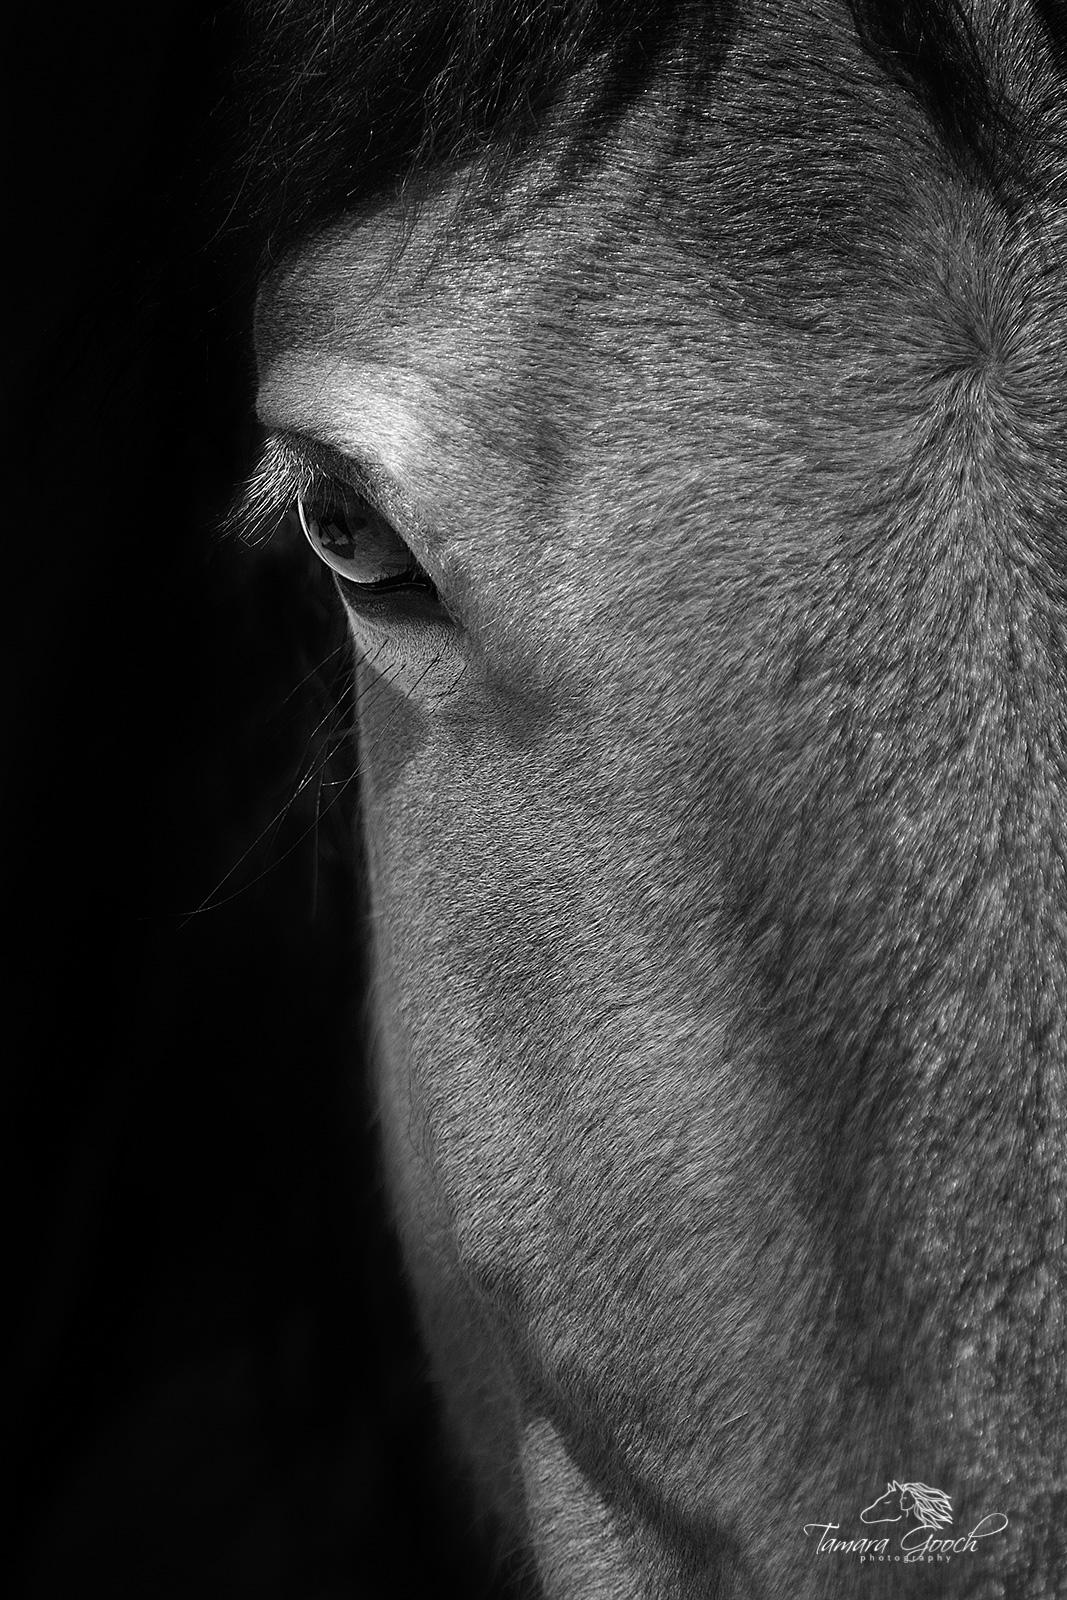 Idaho, Idaho equine photographers, assignment, black and white horse photos, black and white photography, black and white photos, commercial, commissioned, editorial, equestrian, equine, equine photog, photo